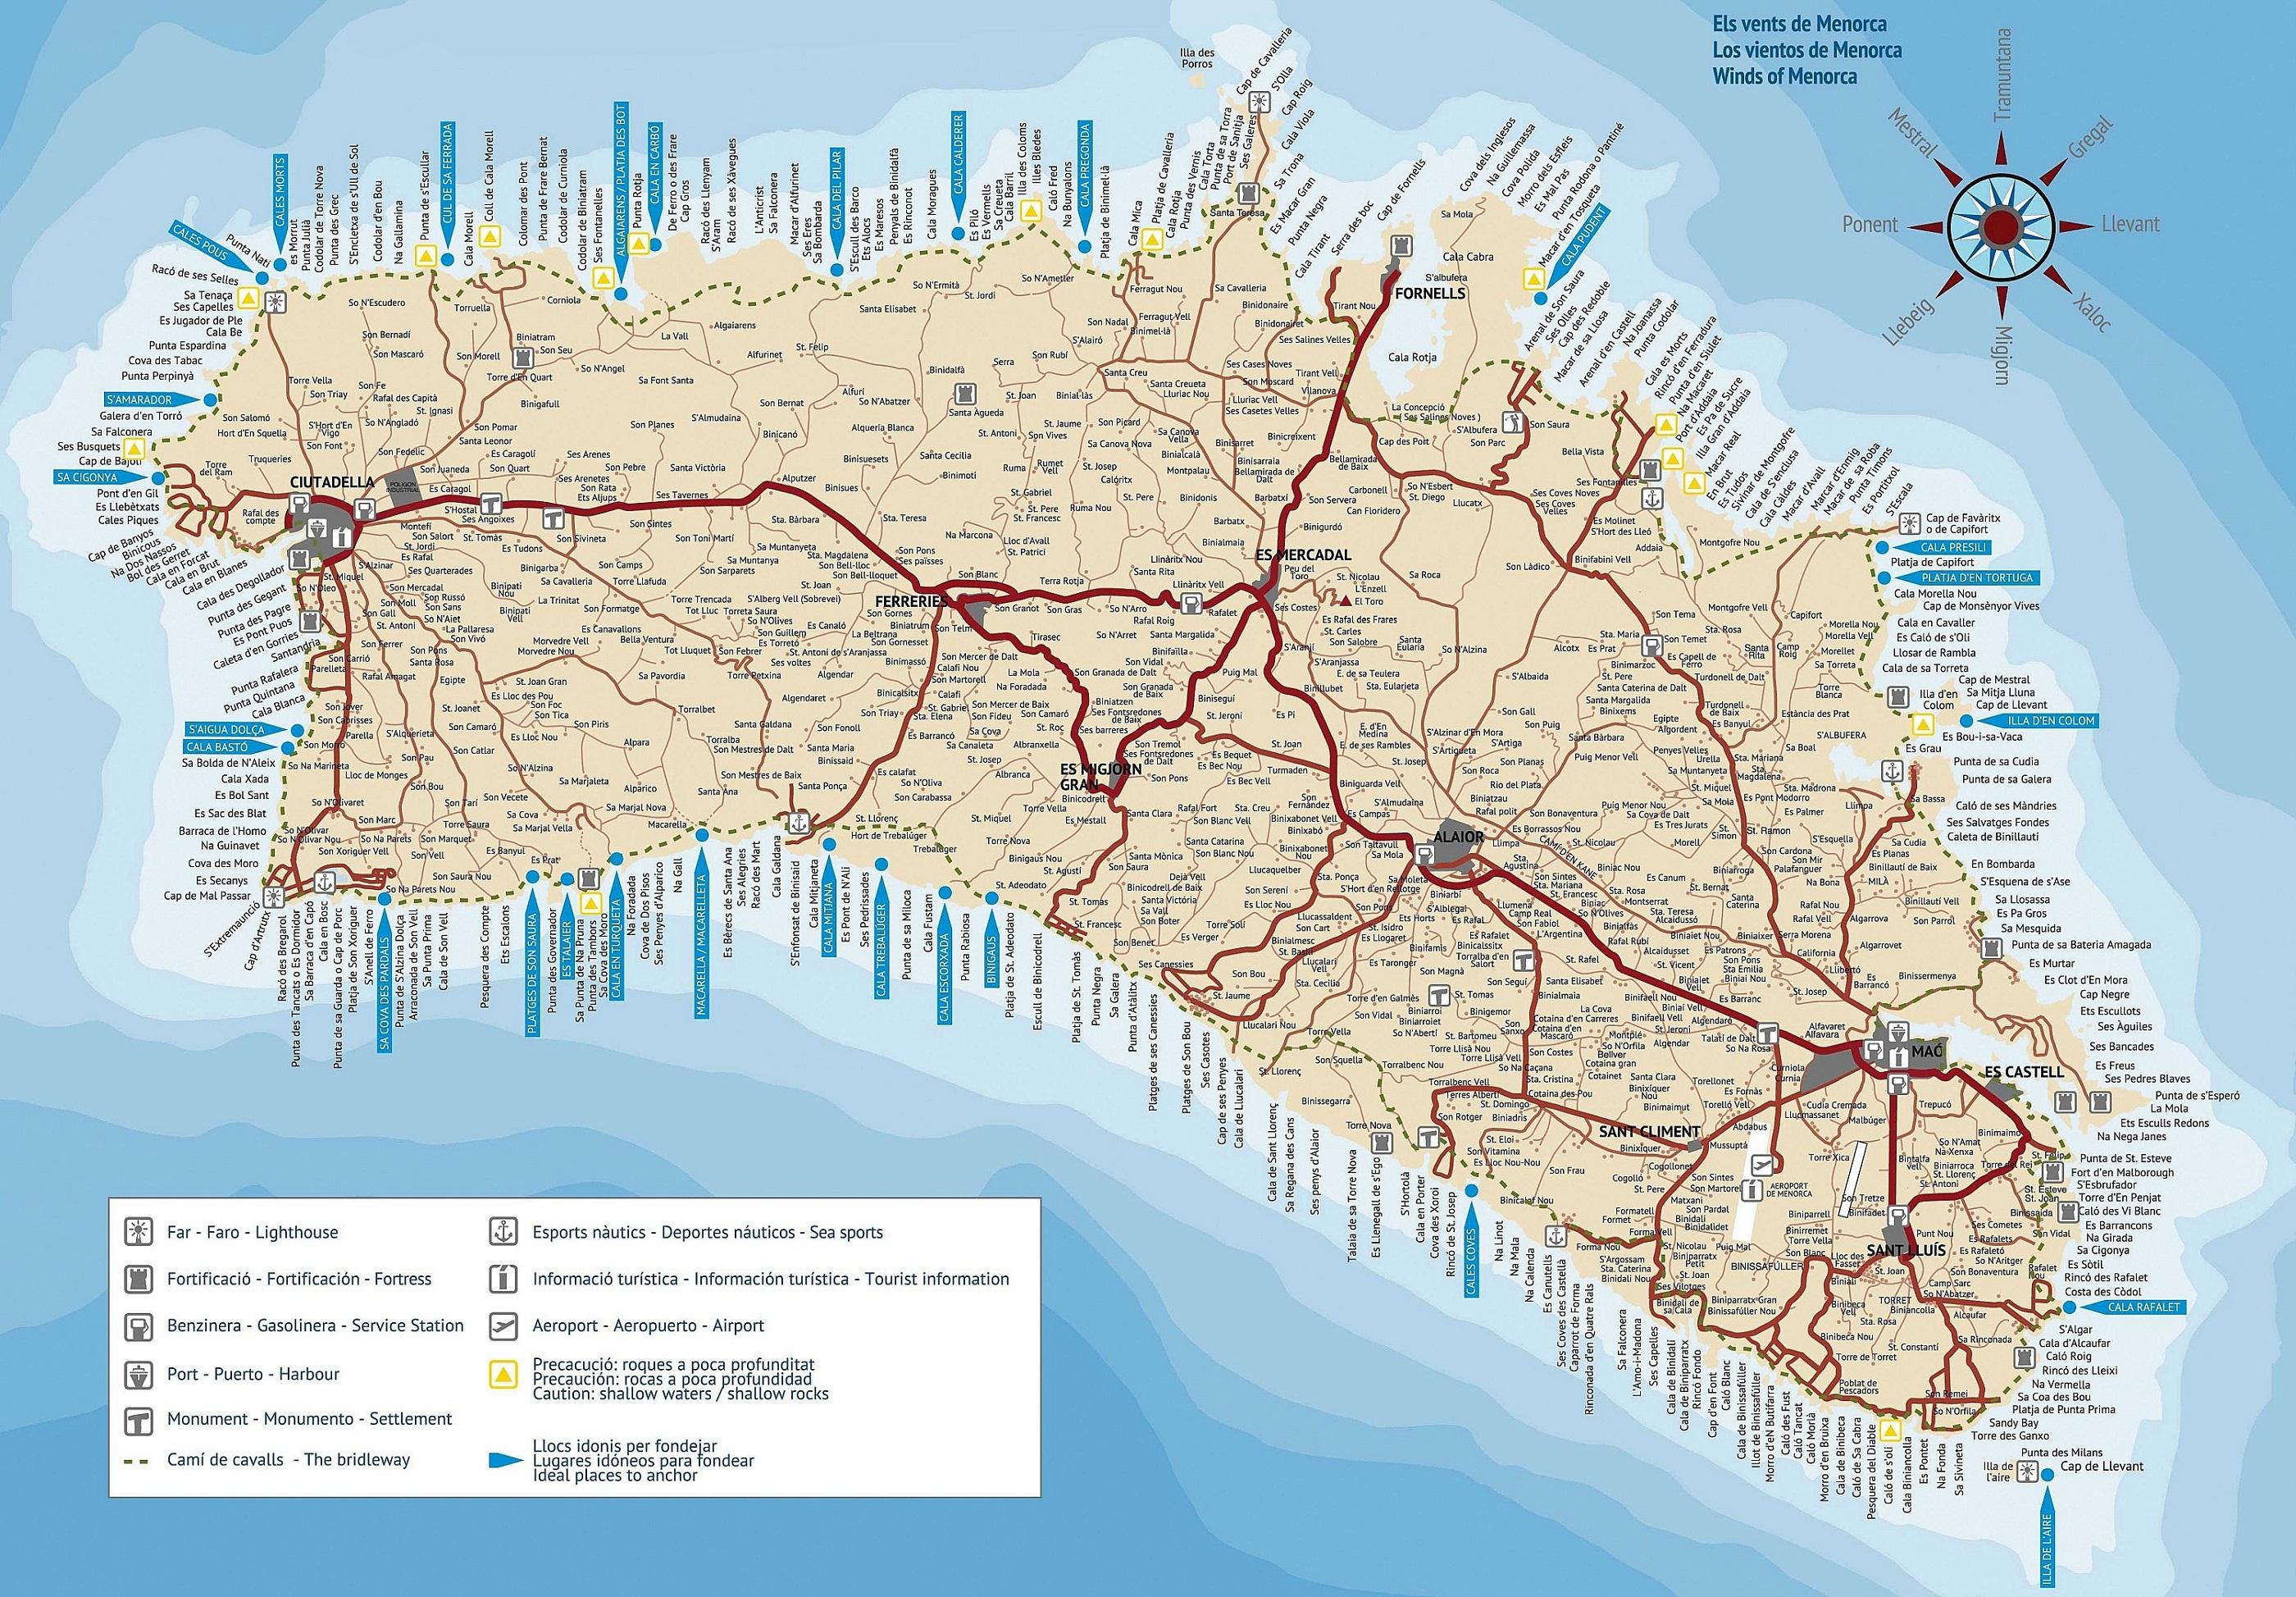 Подробная карта Менорки